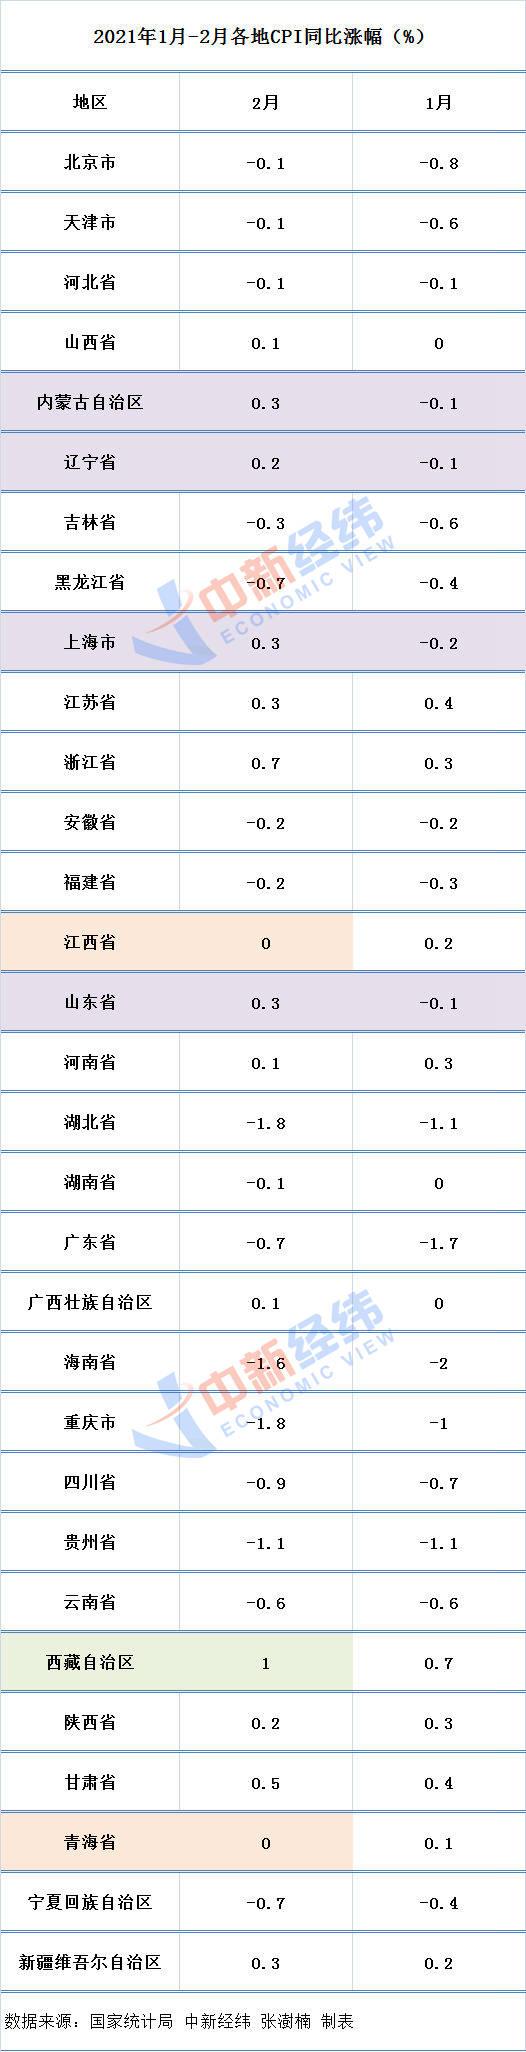 """全国各地二月CPI公布:4省区""""转正定级"""",湖北省、重庆市降"""